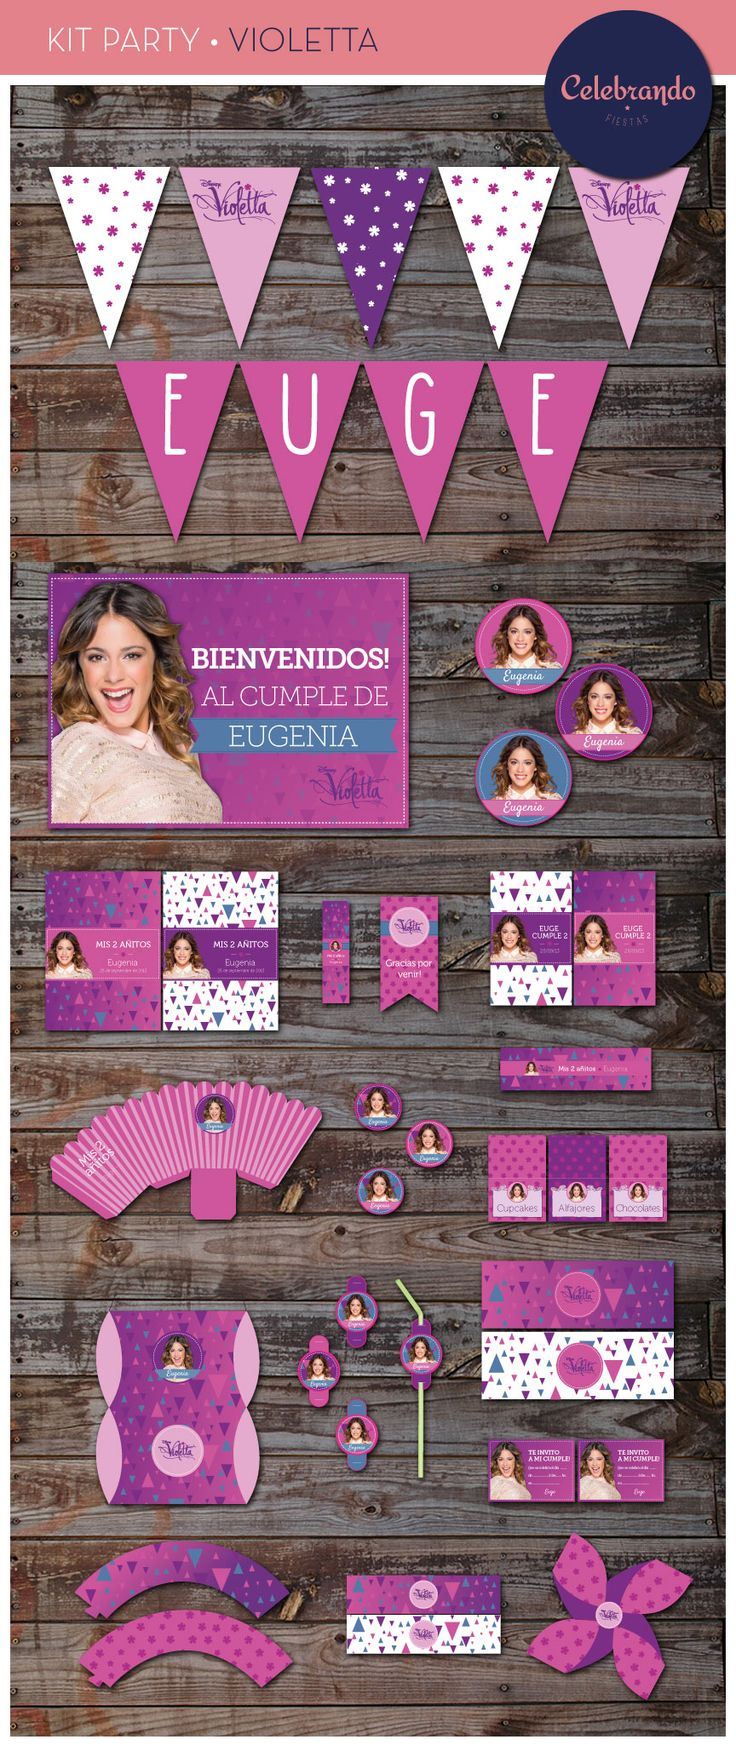 Kit imprimible de Violetta. Celebrando Fiestas. ¡Para nuestra amiga Euge! Que hace poco Cumplio 9 Añitos! ¡Te amamos Euge!